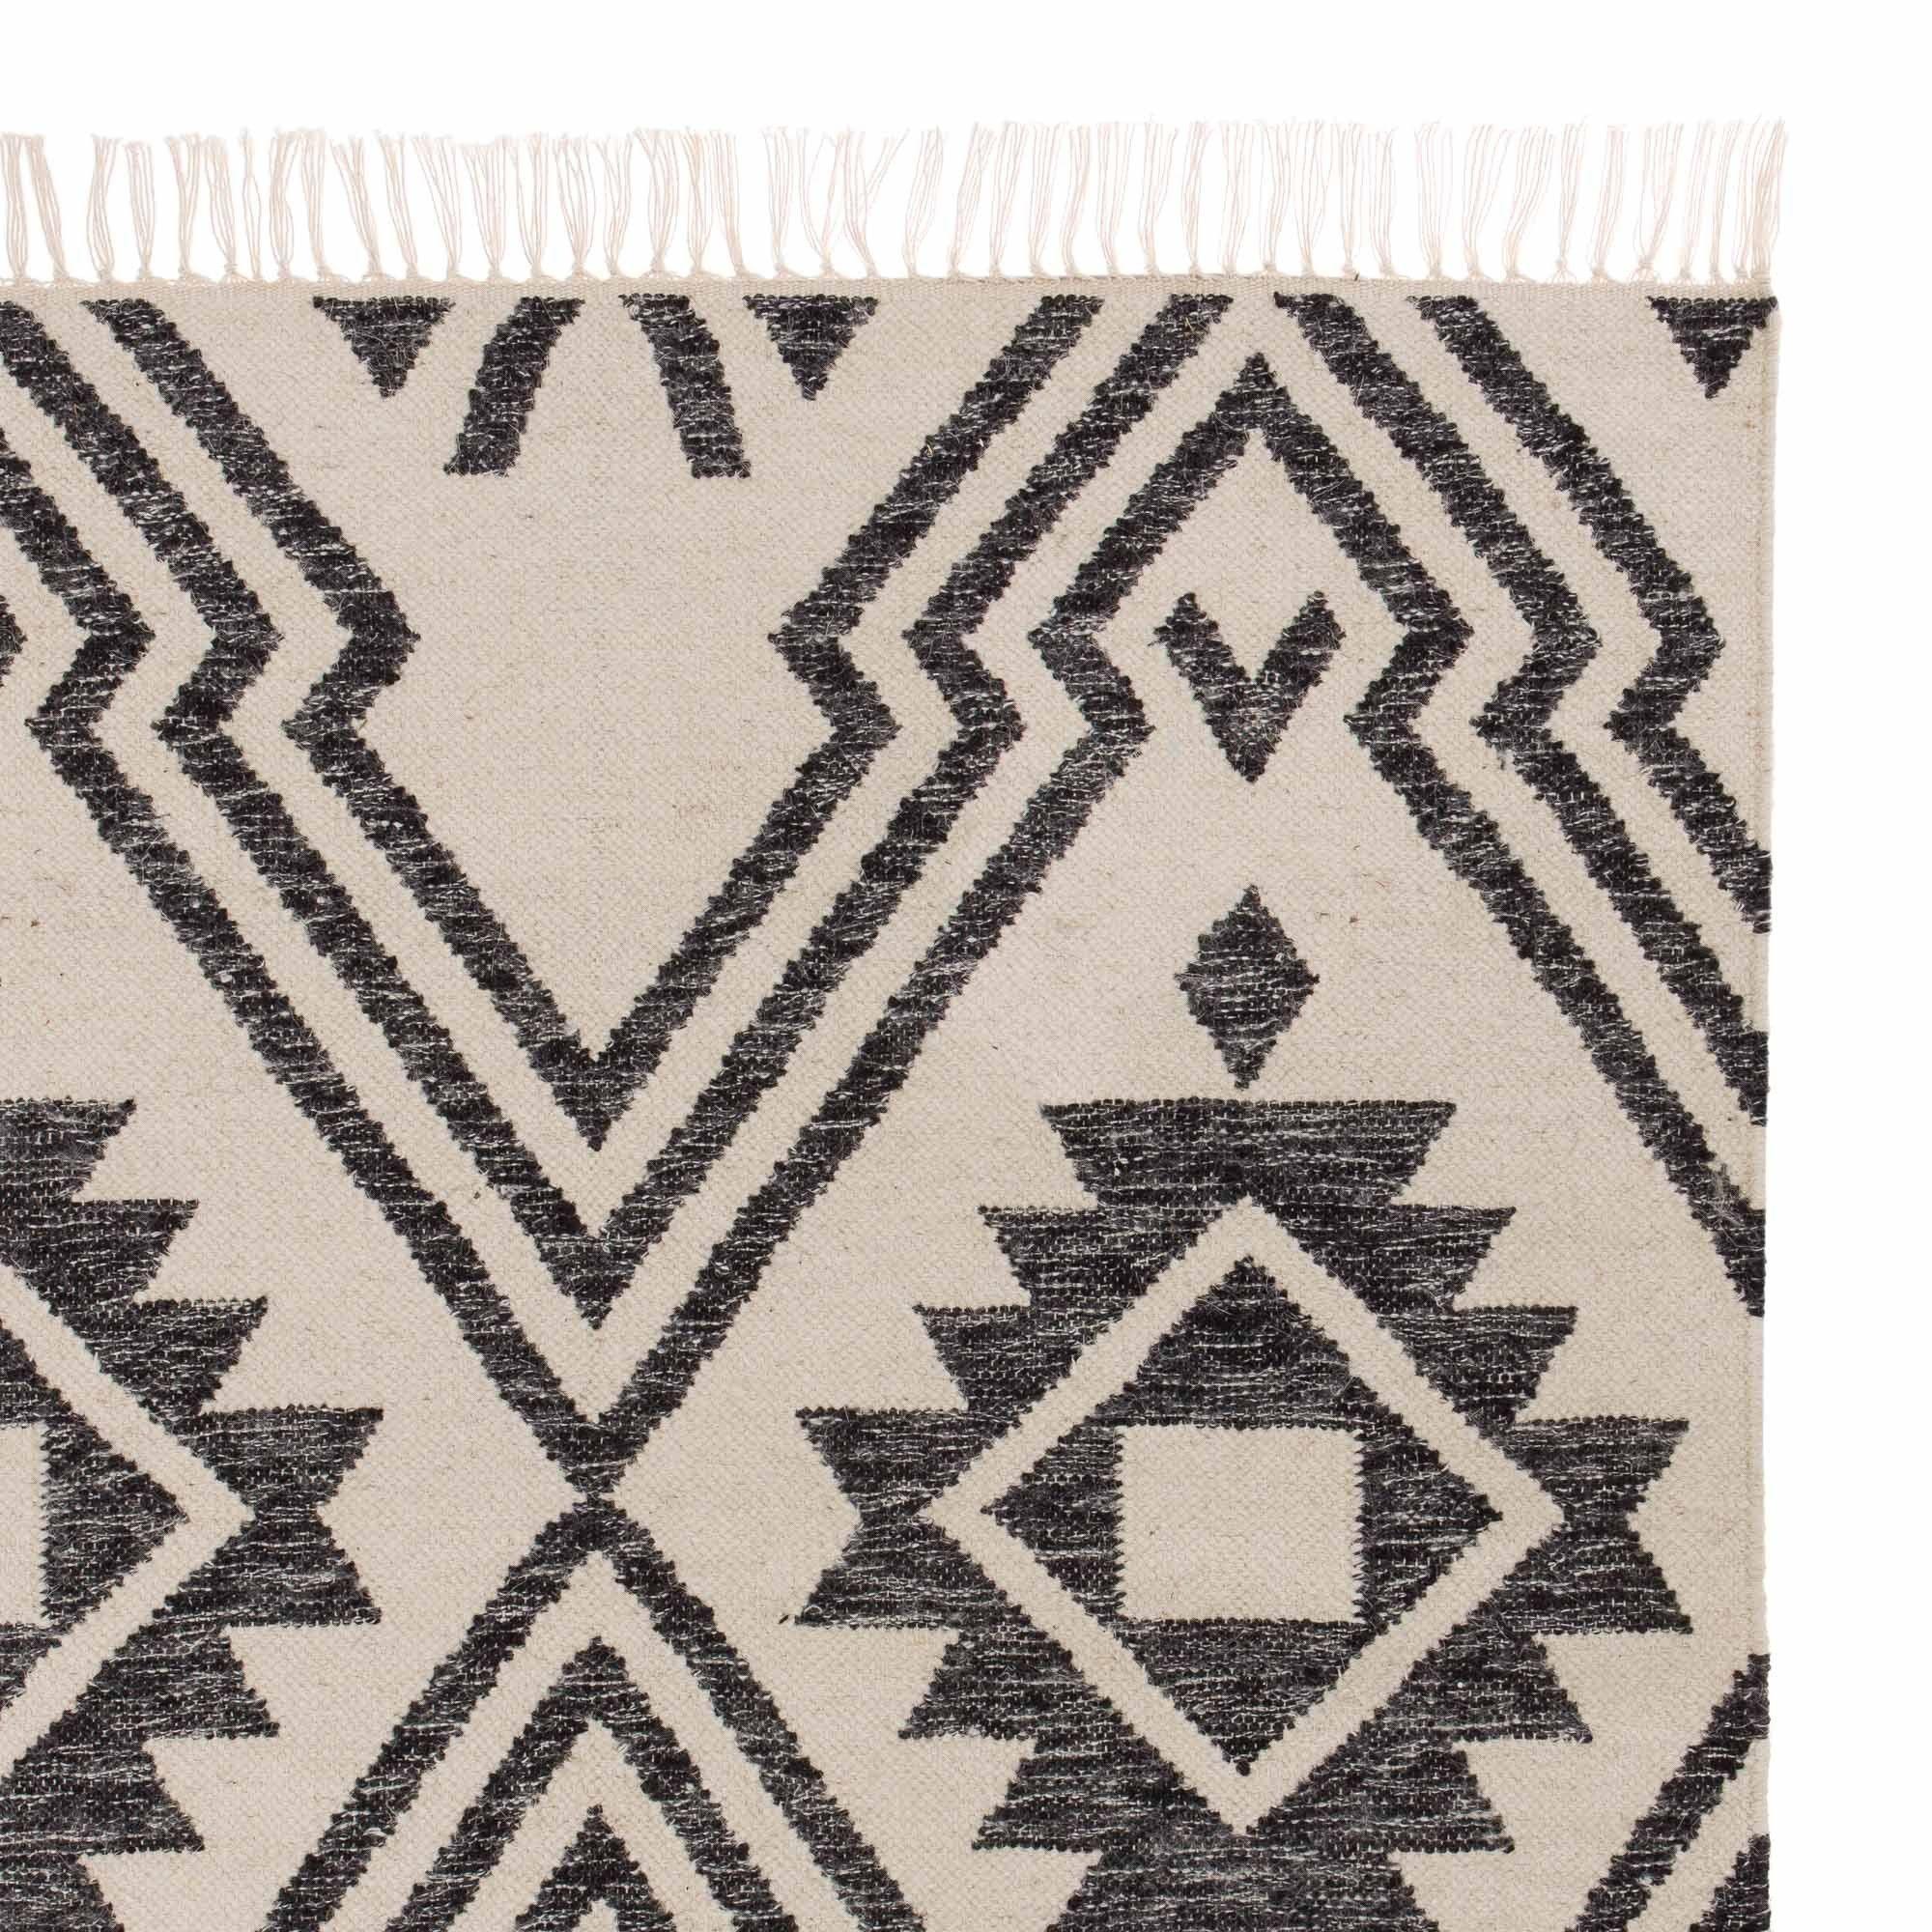 Teppich Seoni | Kurze fransen, Ethno stil und Schöne muster